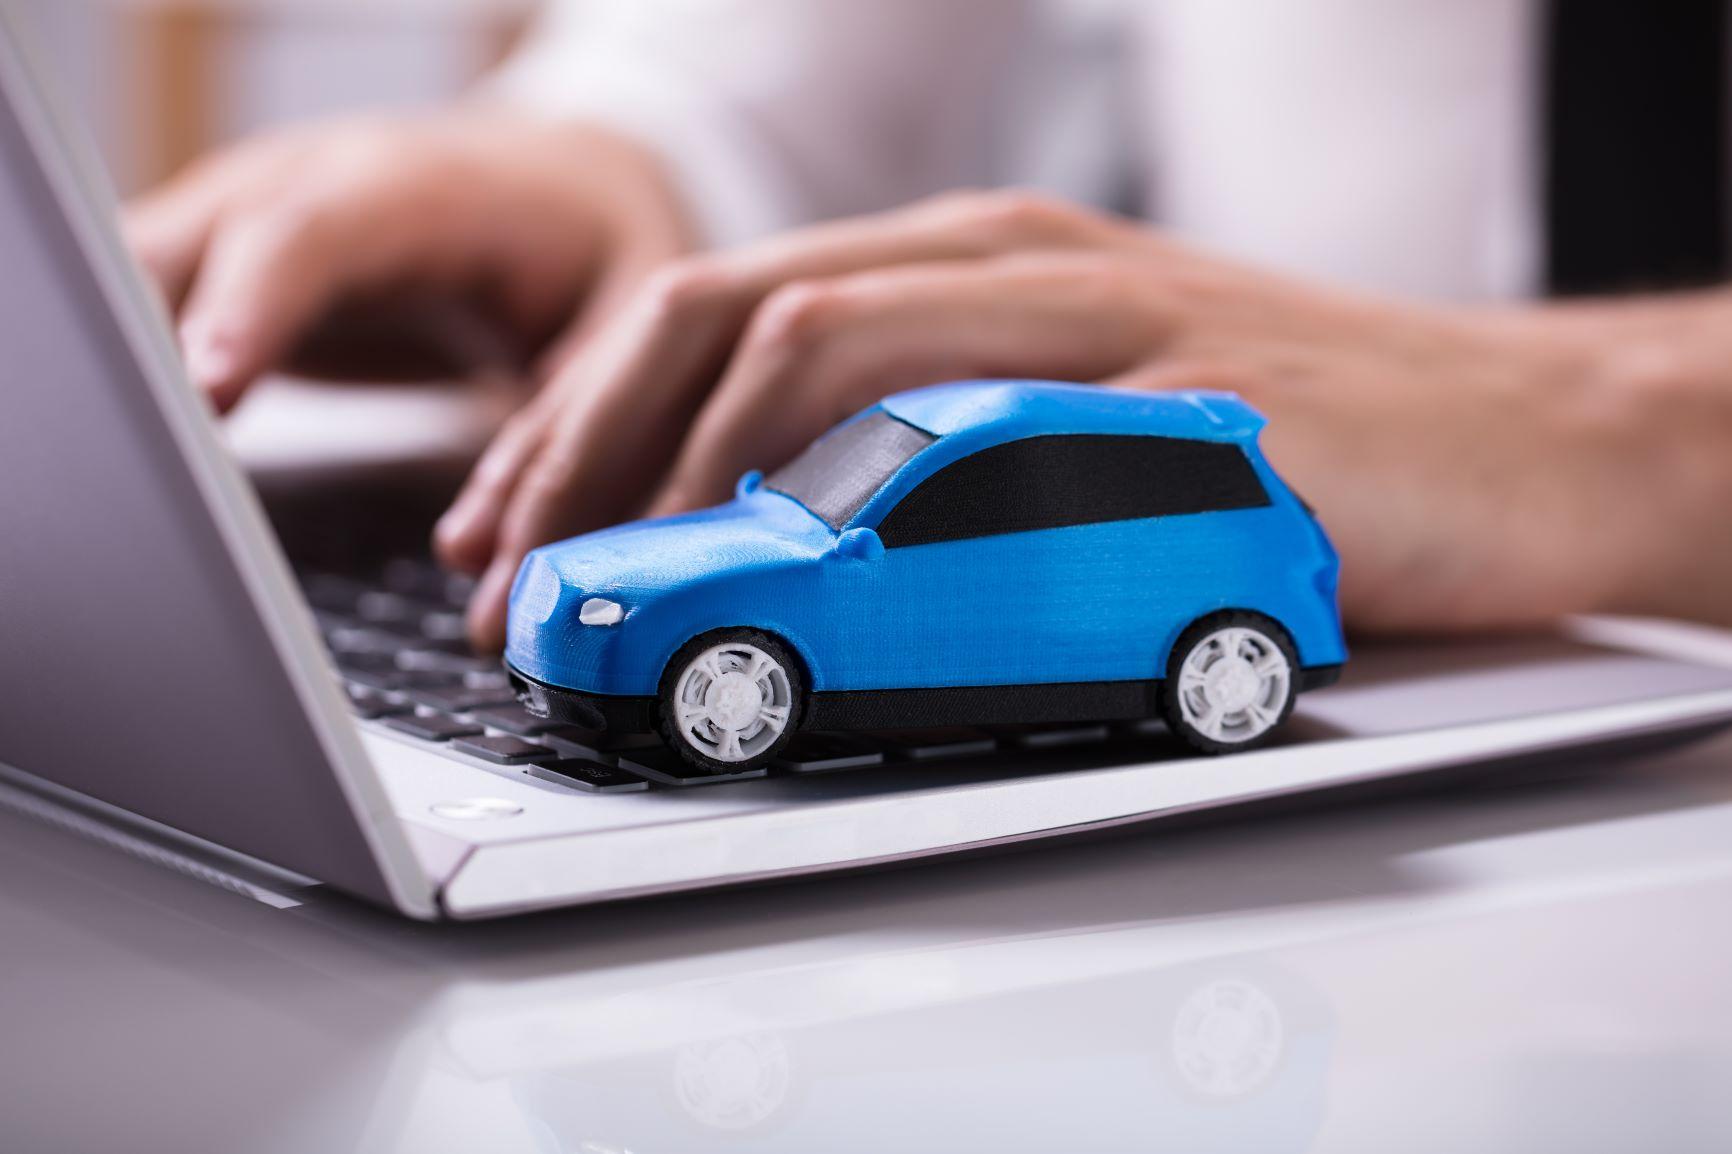 autíčko na klávesnici od počítača